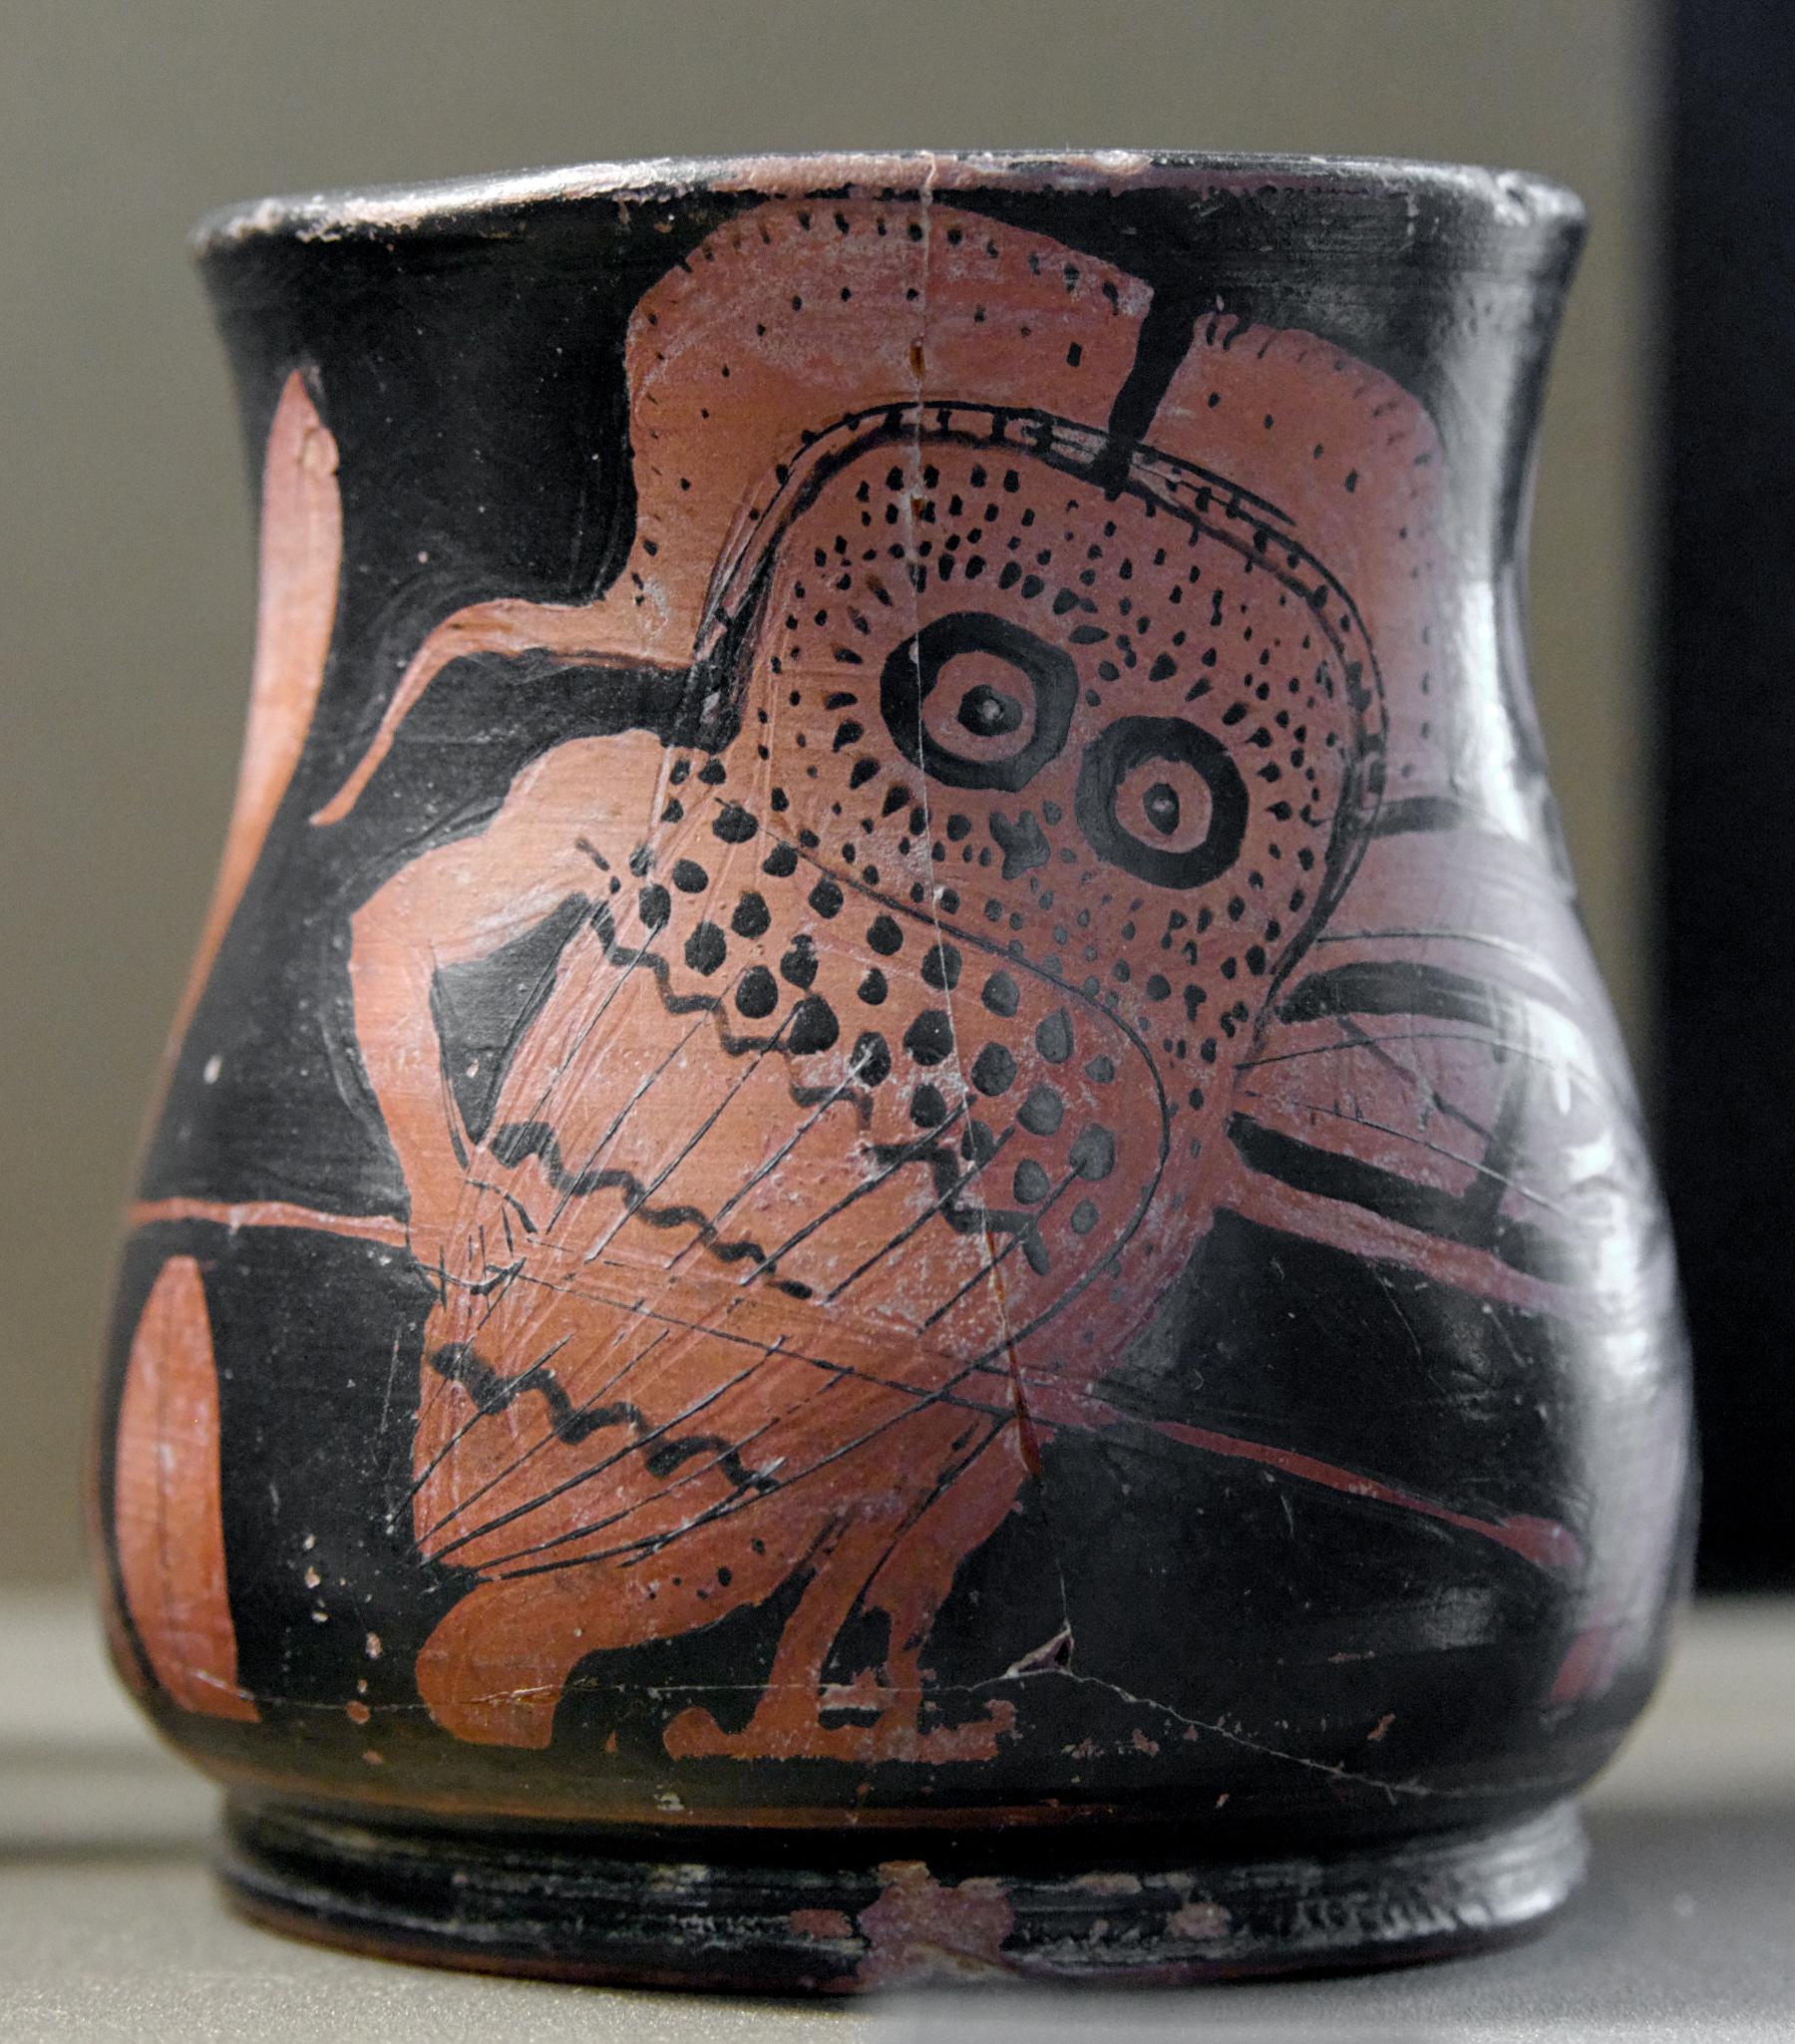 Teriam os povos antigos observado um universo diferente? Armed_owl_Louvre_CA2192